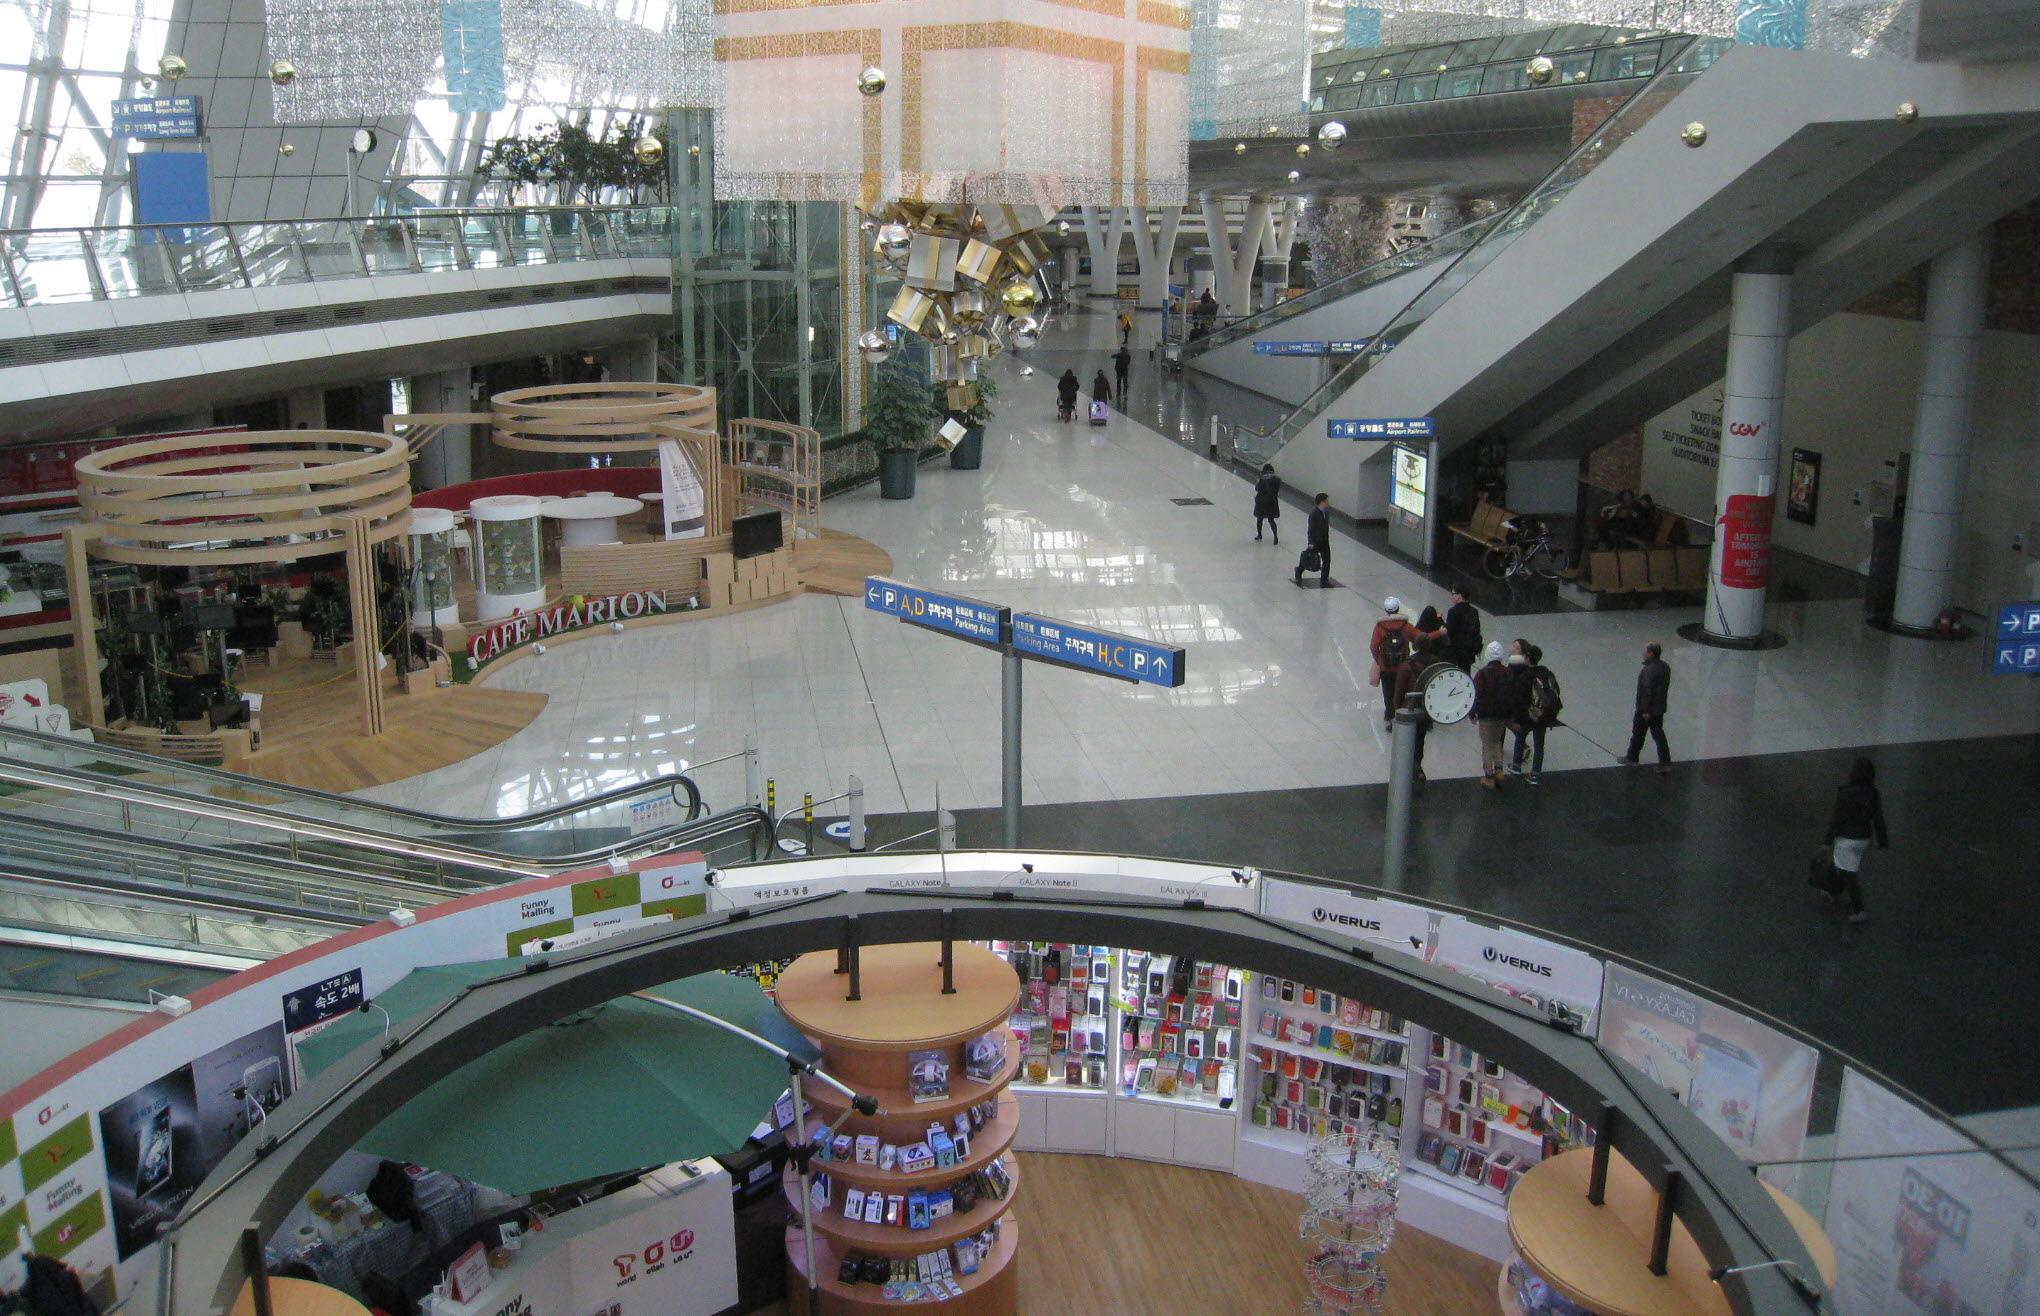 인천공항 내부 전경 모습입니다.